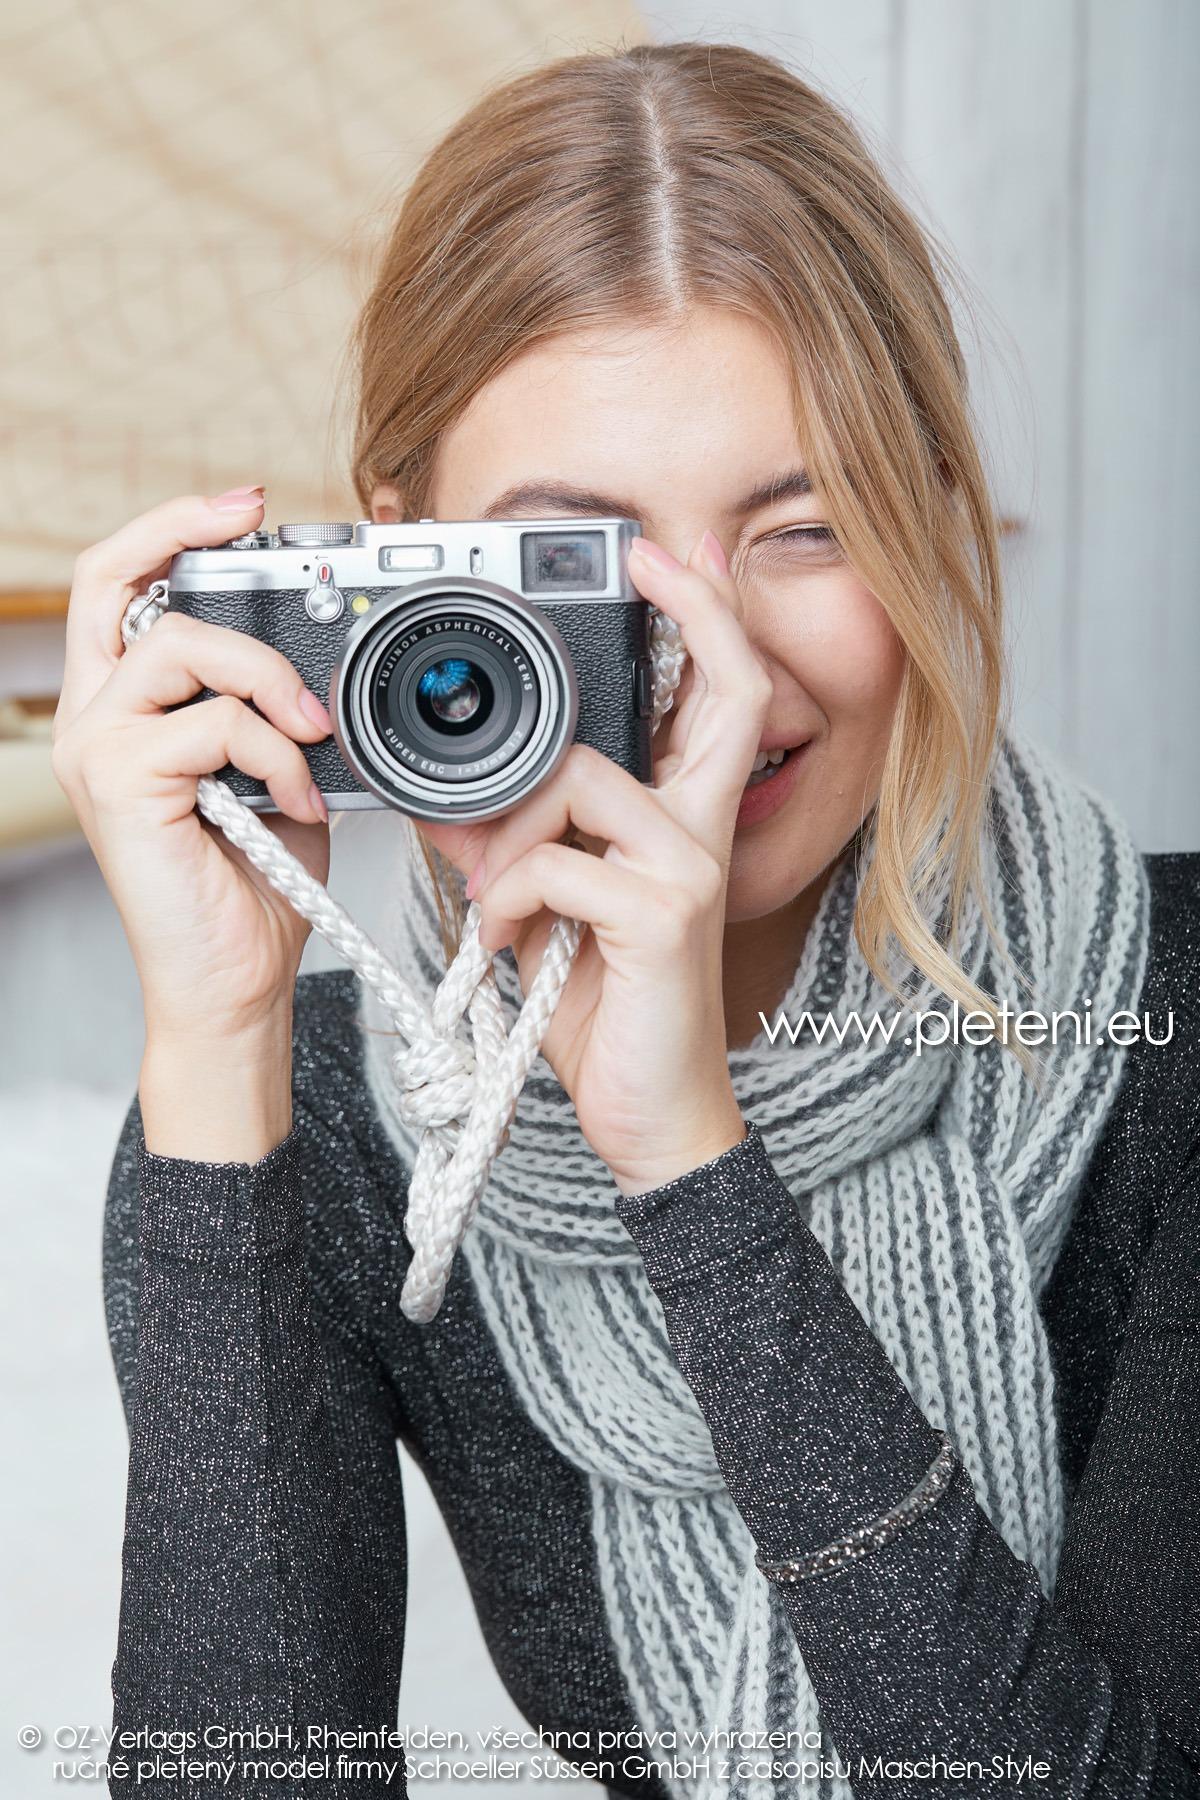 2019-Z-17 pletená dámská šála z příze Cashmere Pure značky Austermann